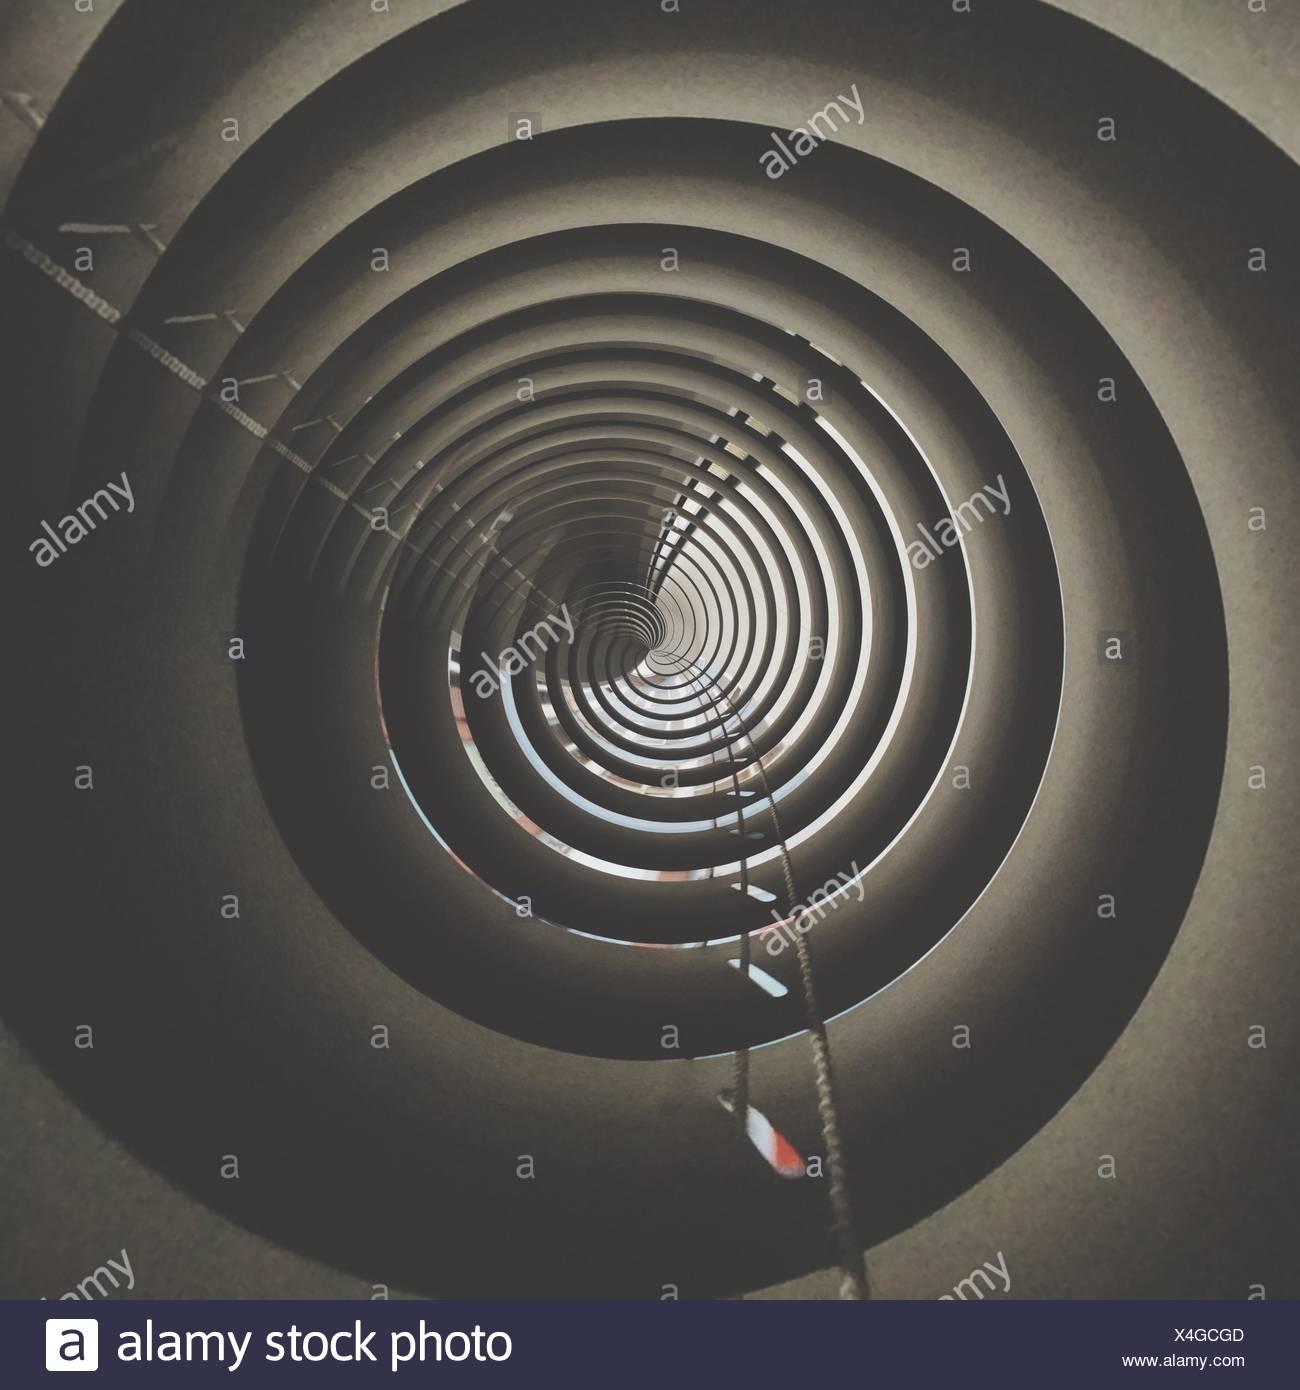 Directement au-dessous de la vue du cercle concentrique Tower Photo Stock